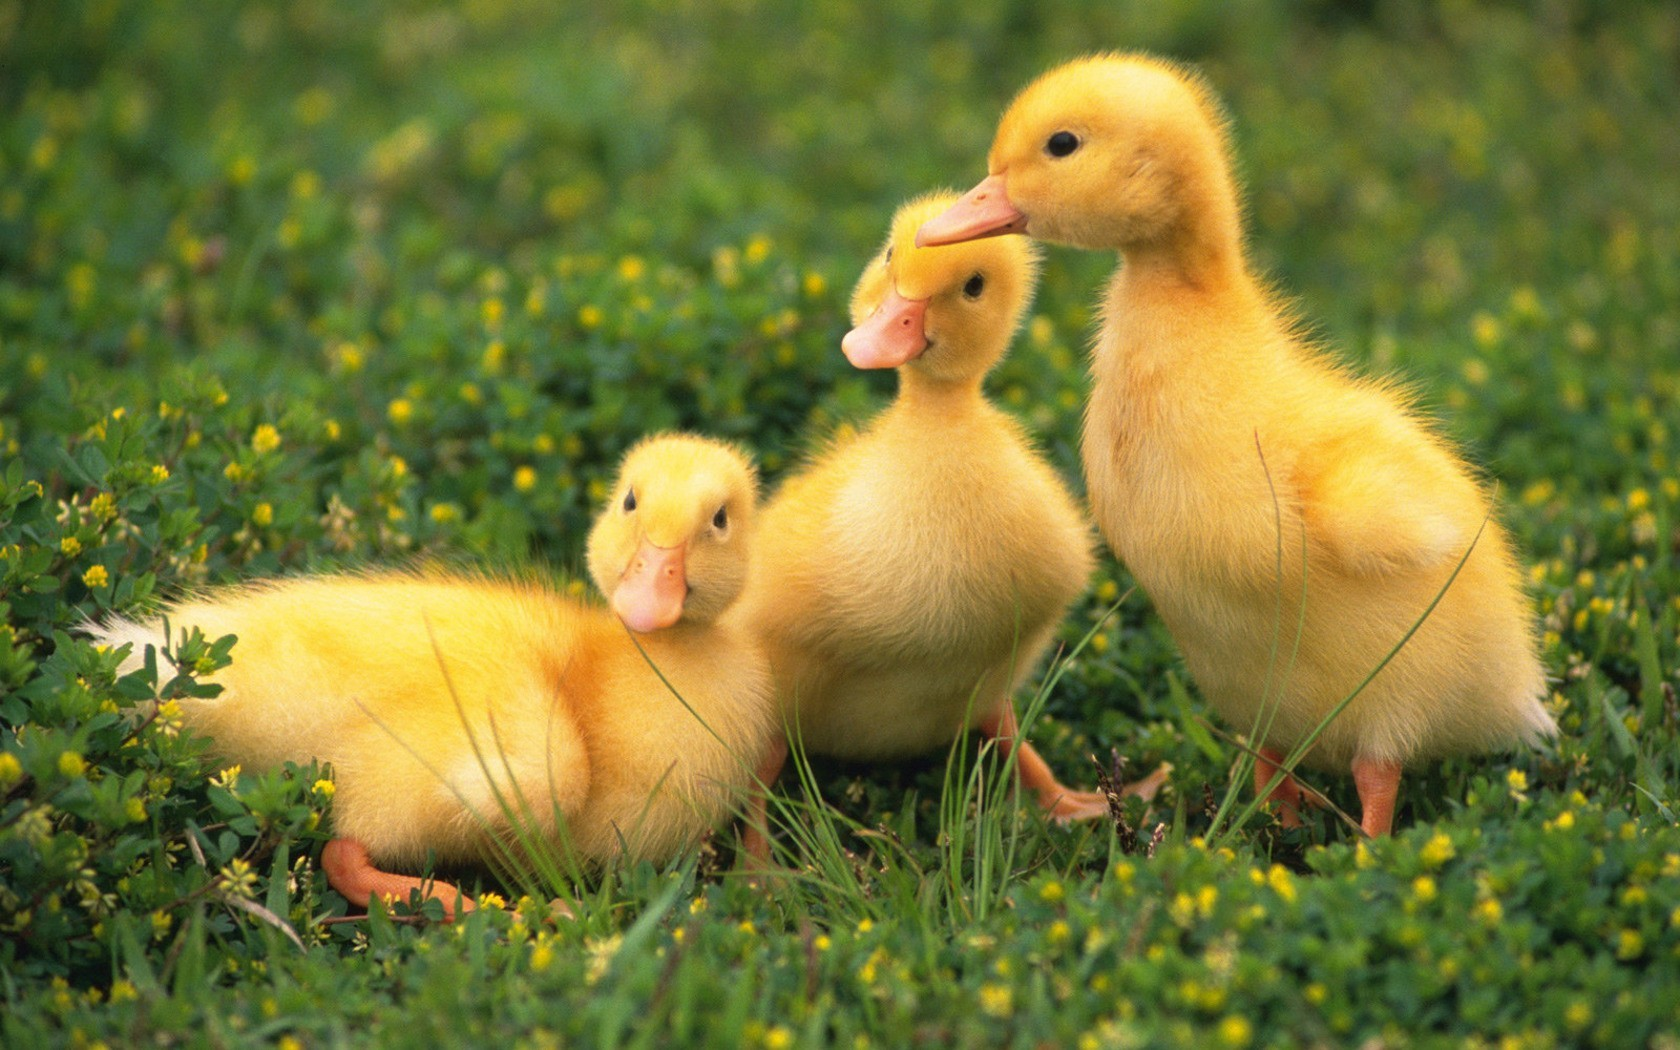 39481 обои 720x1520 на телефон бесплатно, скачать картинки Животные, Птицы, Утки 720x1520 на мобильный